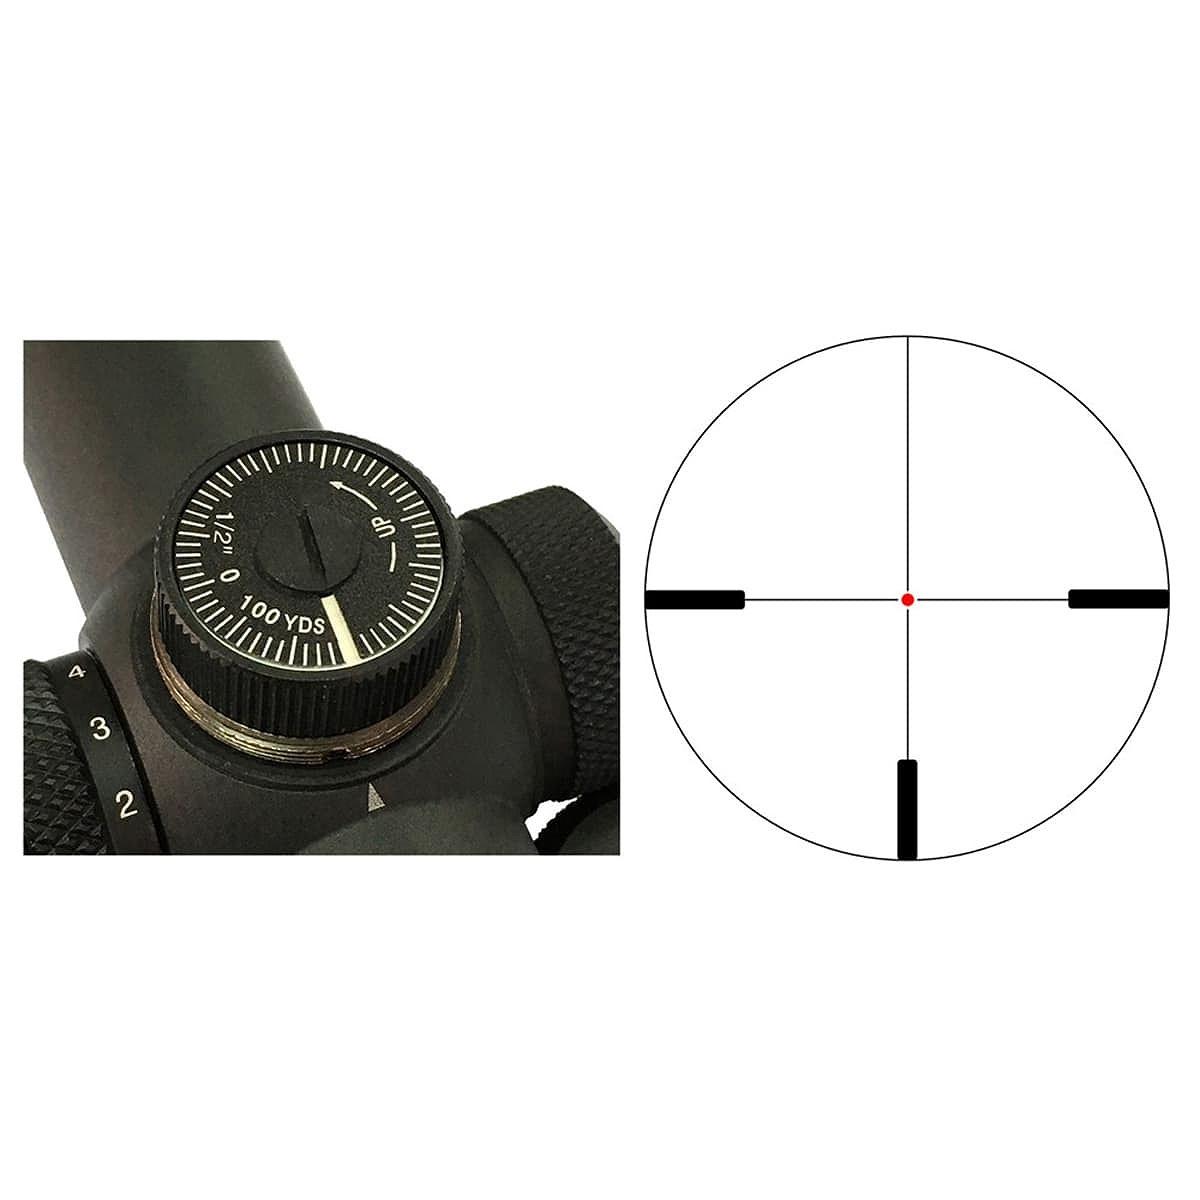 【お届け予定日: 2月28日】ベクターオプティクス ライフルスコープ Forester 1-5x24  Vector Optics SCOC-03